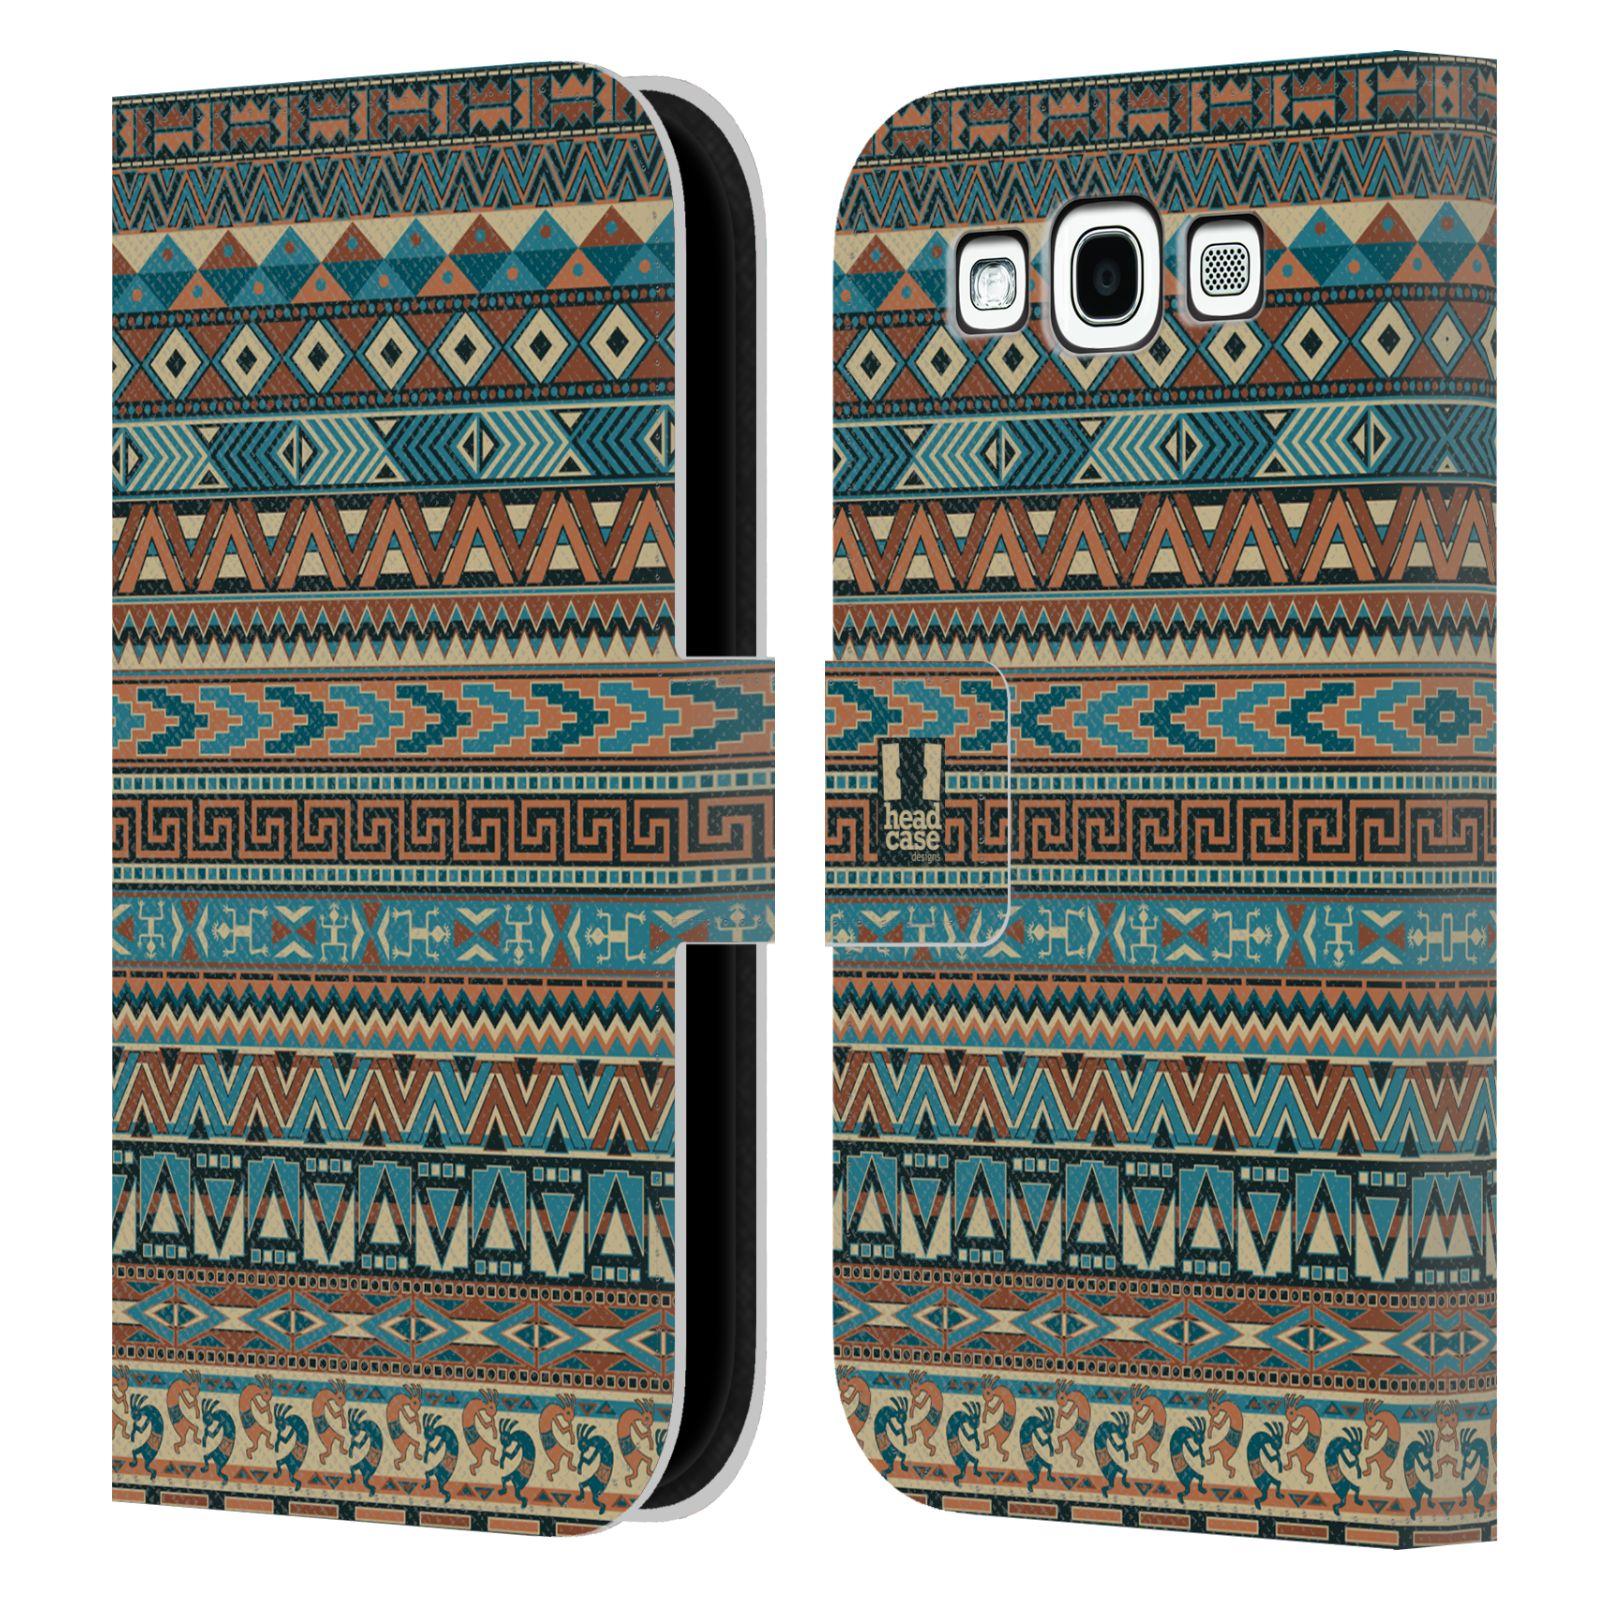 HEAD CASE Flipové pouzdro pro mobil Samsung Galaxy S3 Indiánský vzor BLUE modrá